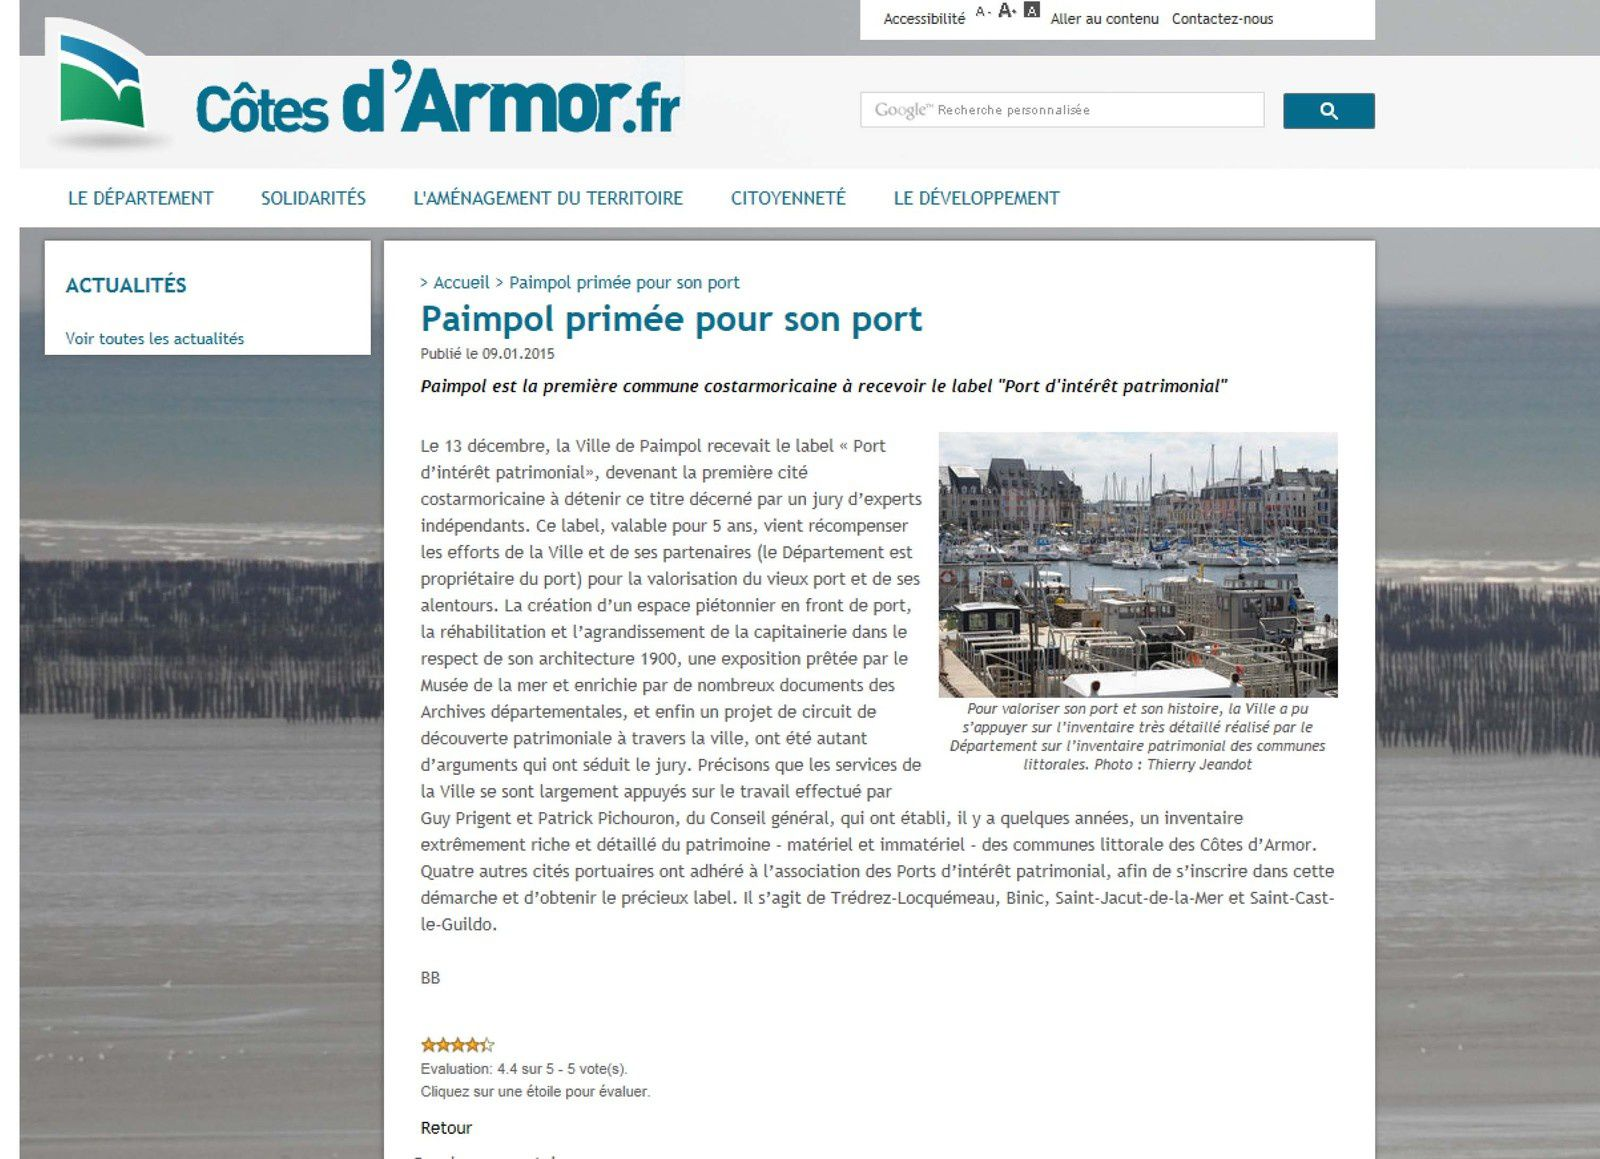 """Paimpol obtient le label """"Port d'intérêt Patrimonial"""", site internet du Conseil général des Côtes d'Armor"""